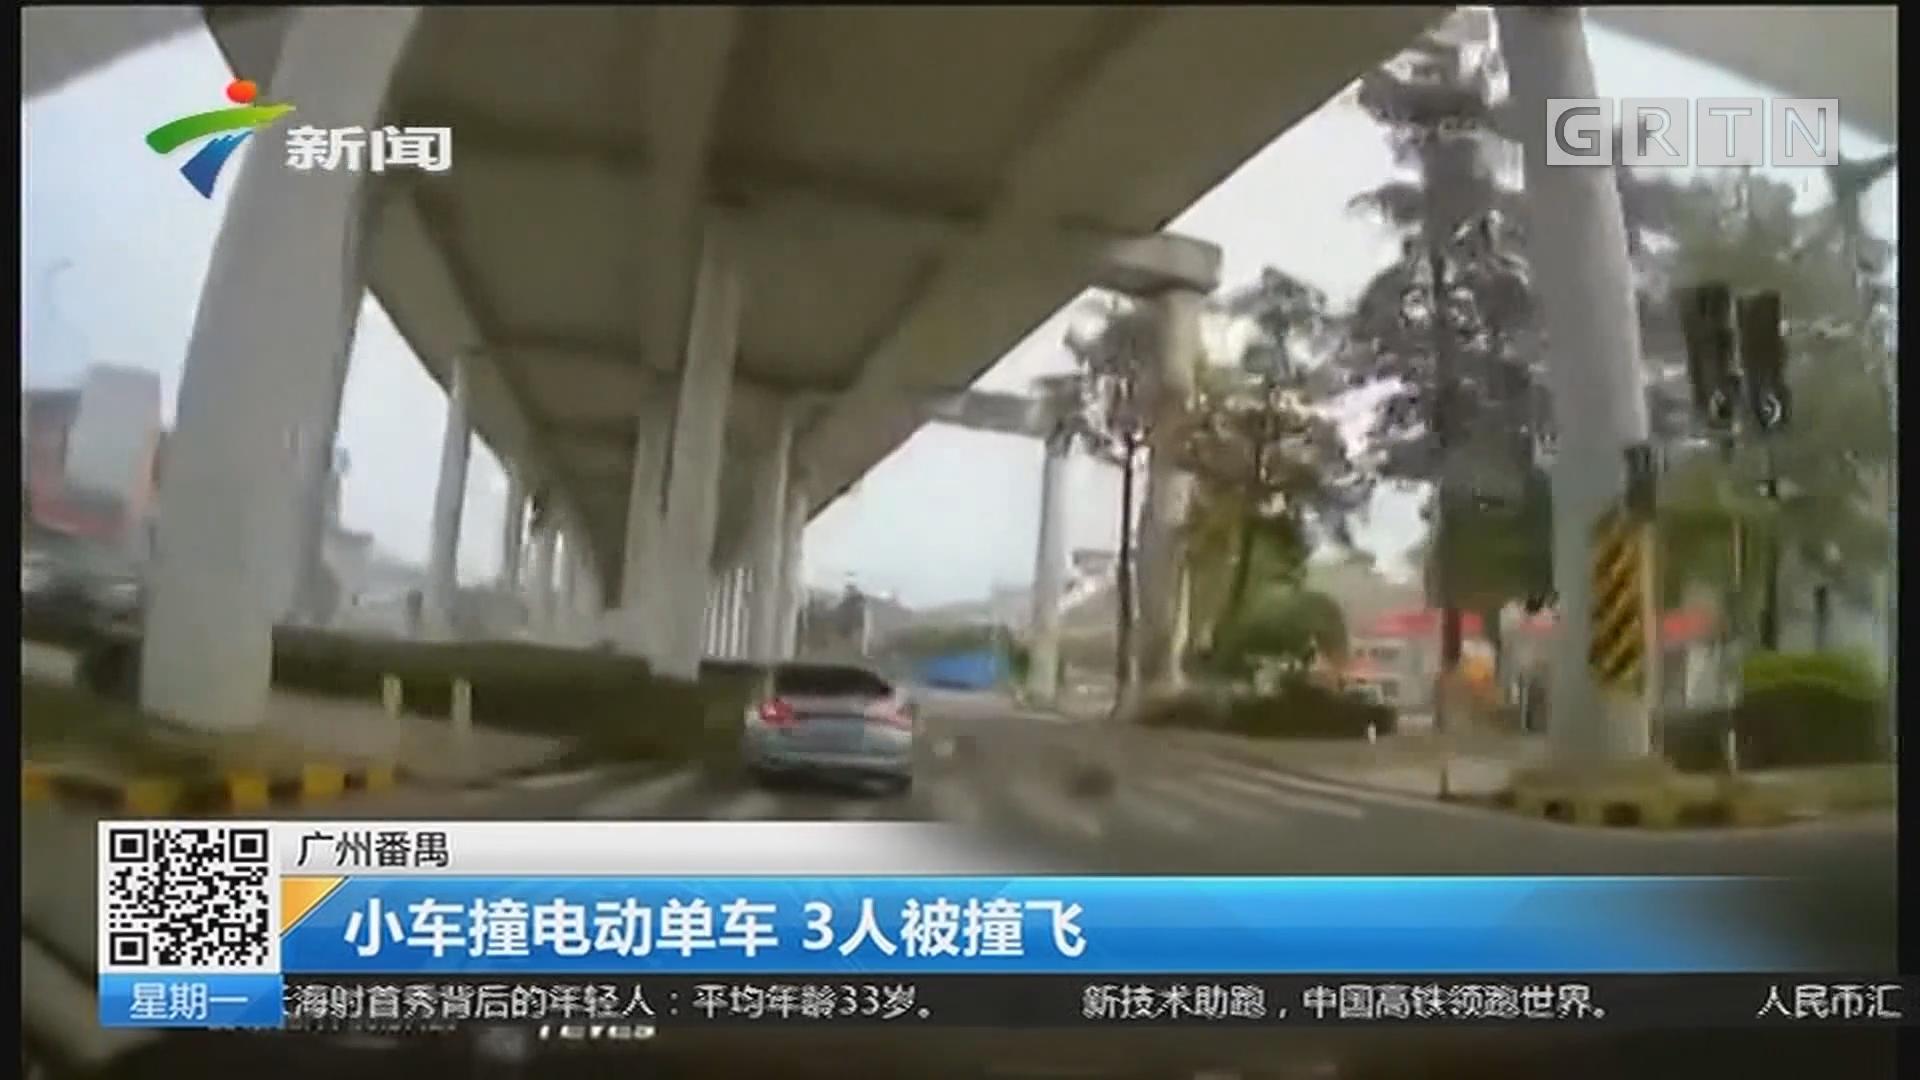 广州番禺:小车撞电动单车 3人被撞飞